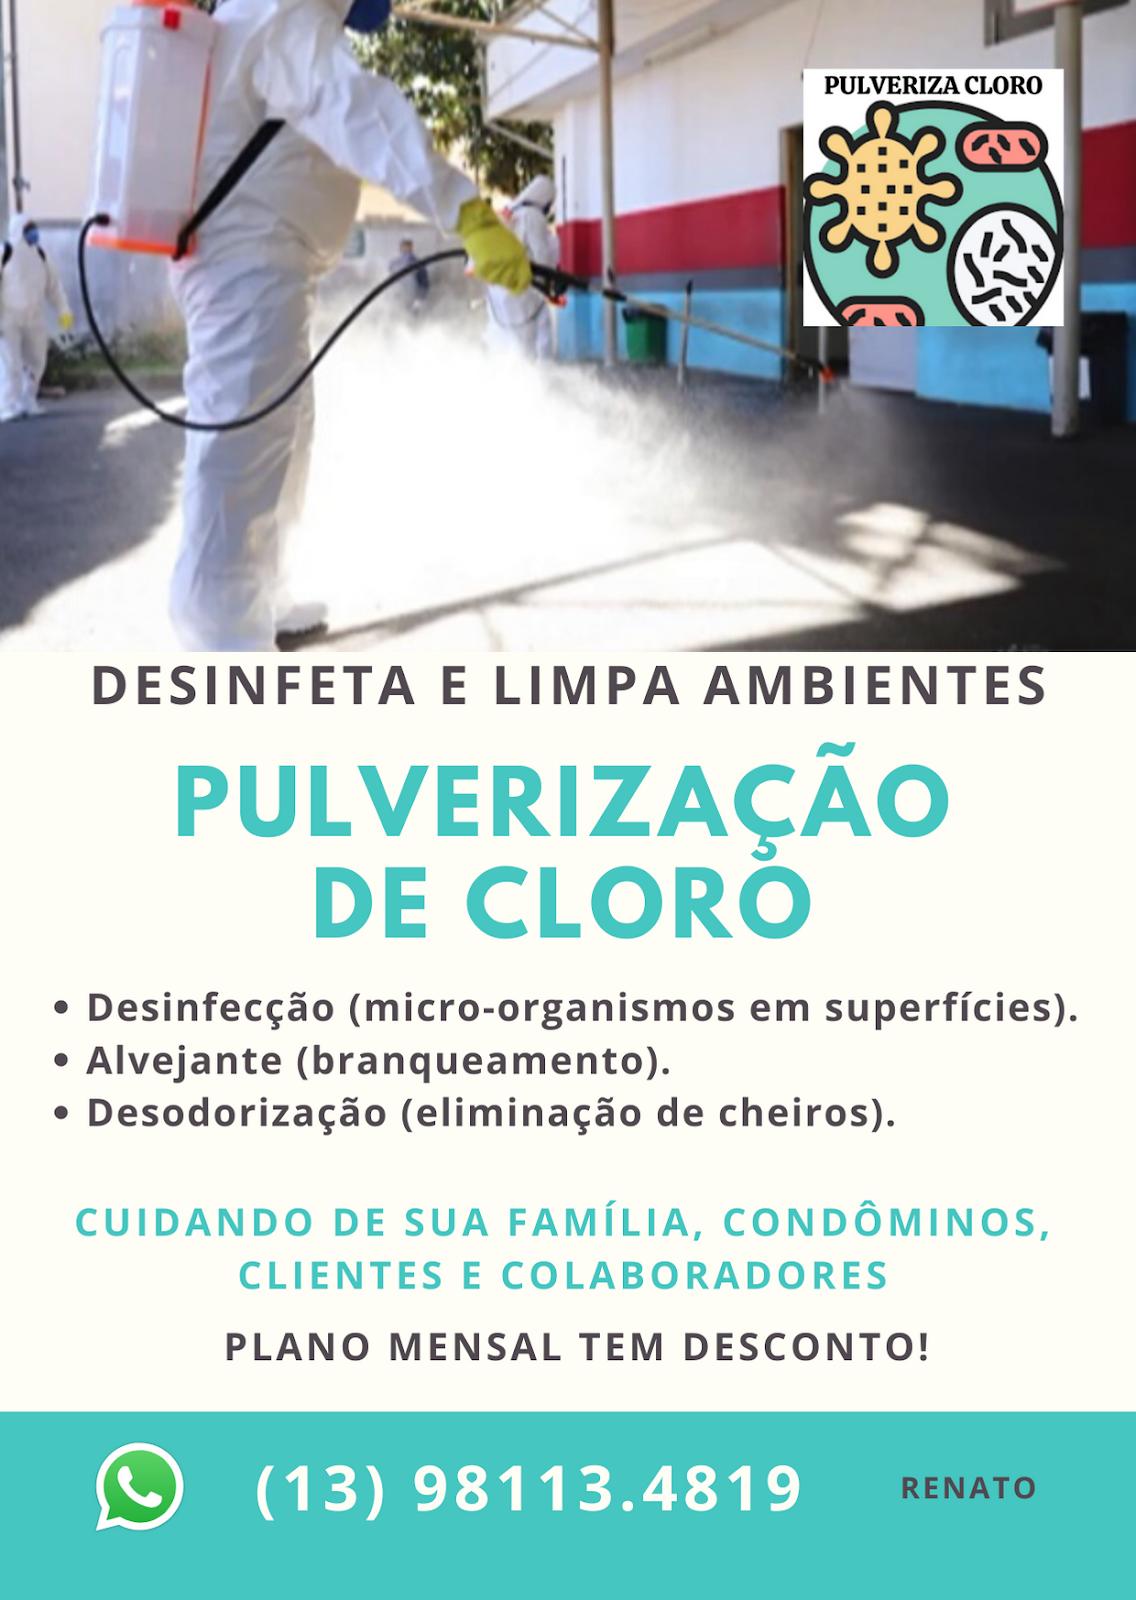 Pulverização de Cloro: Desinfeta e Limpa Ambientes